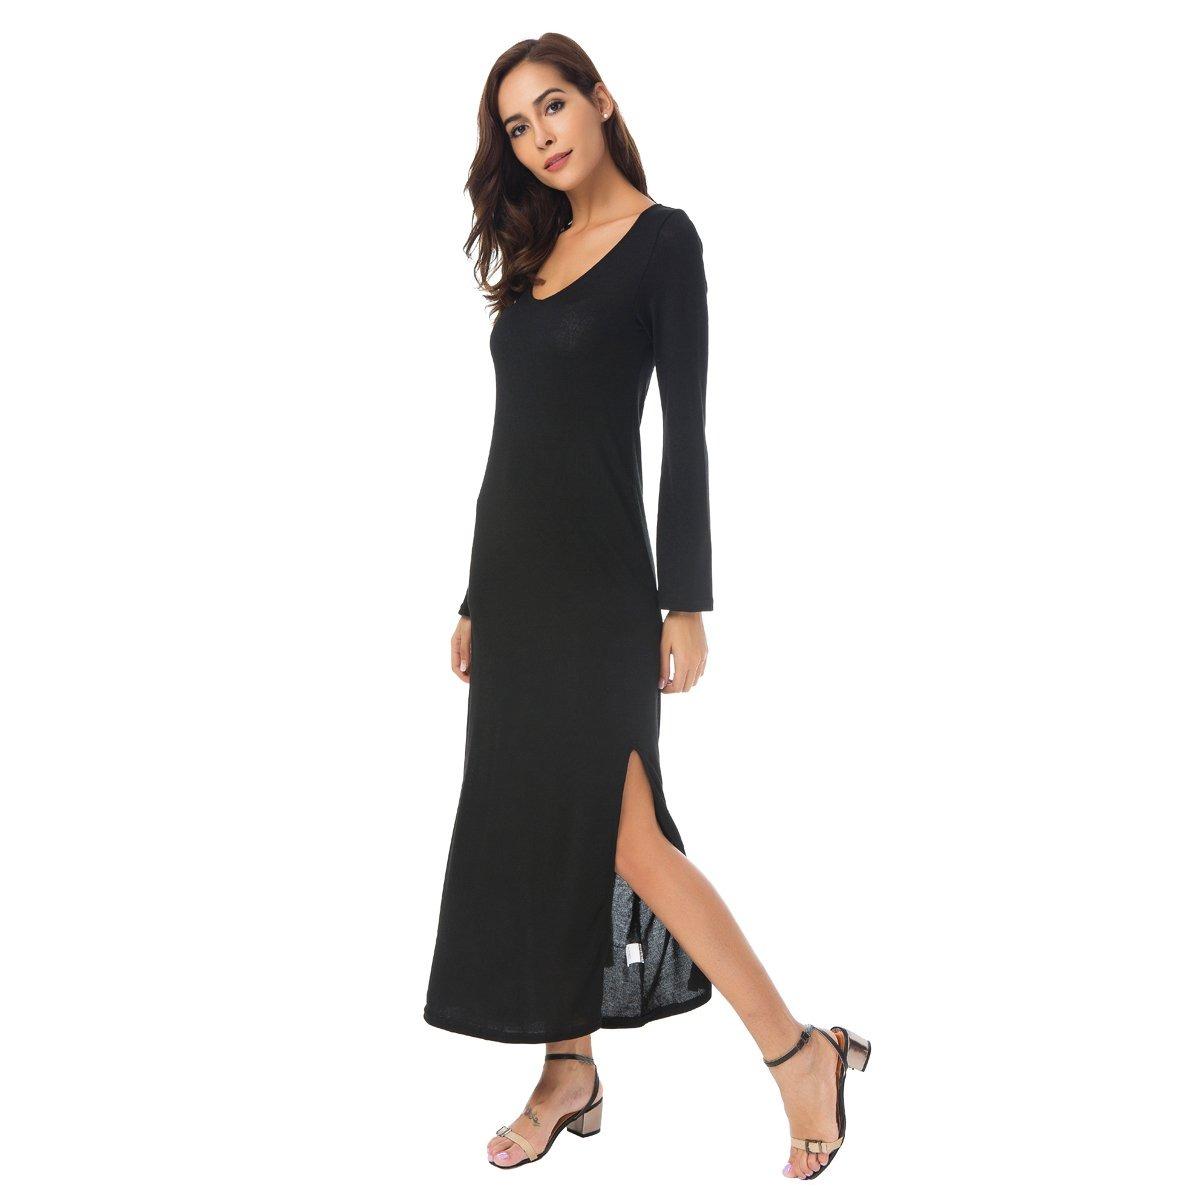 f49fa398e18 vestido de cuello alto con cuello en v para mujer de zumi. Cargando zoom.